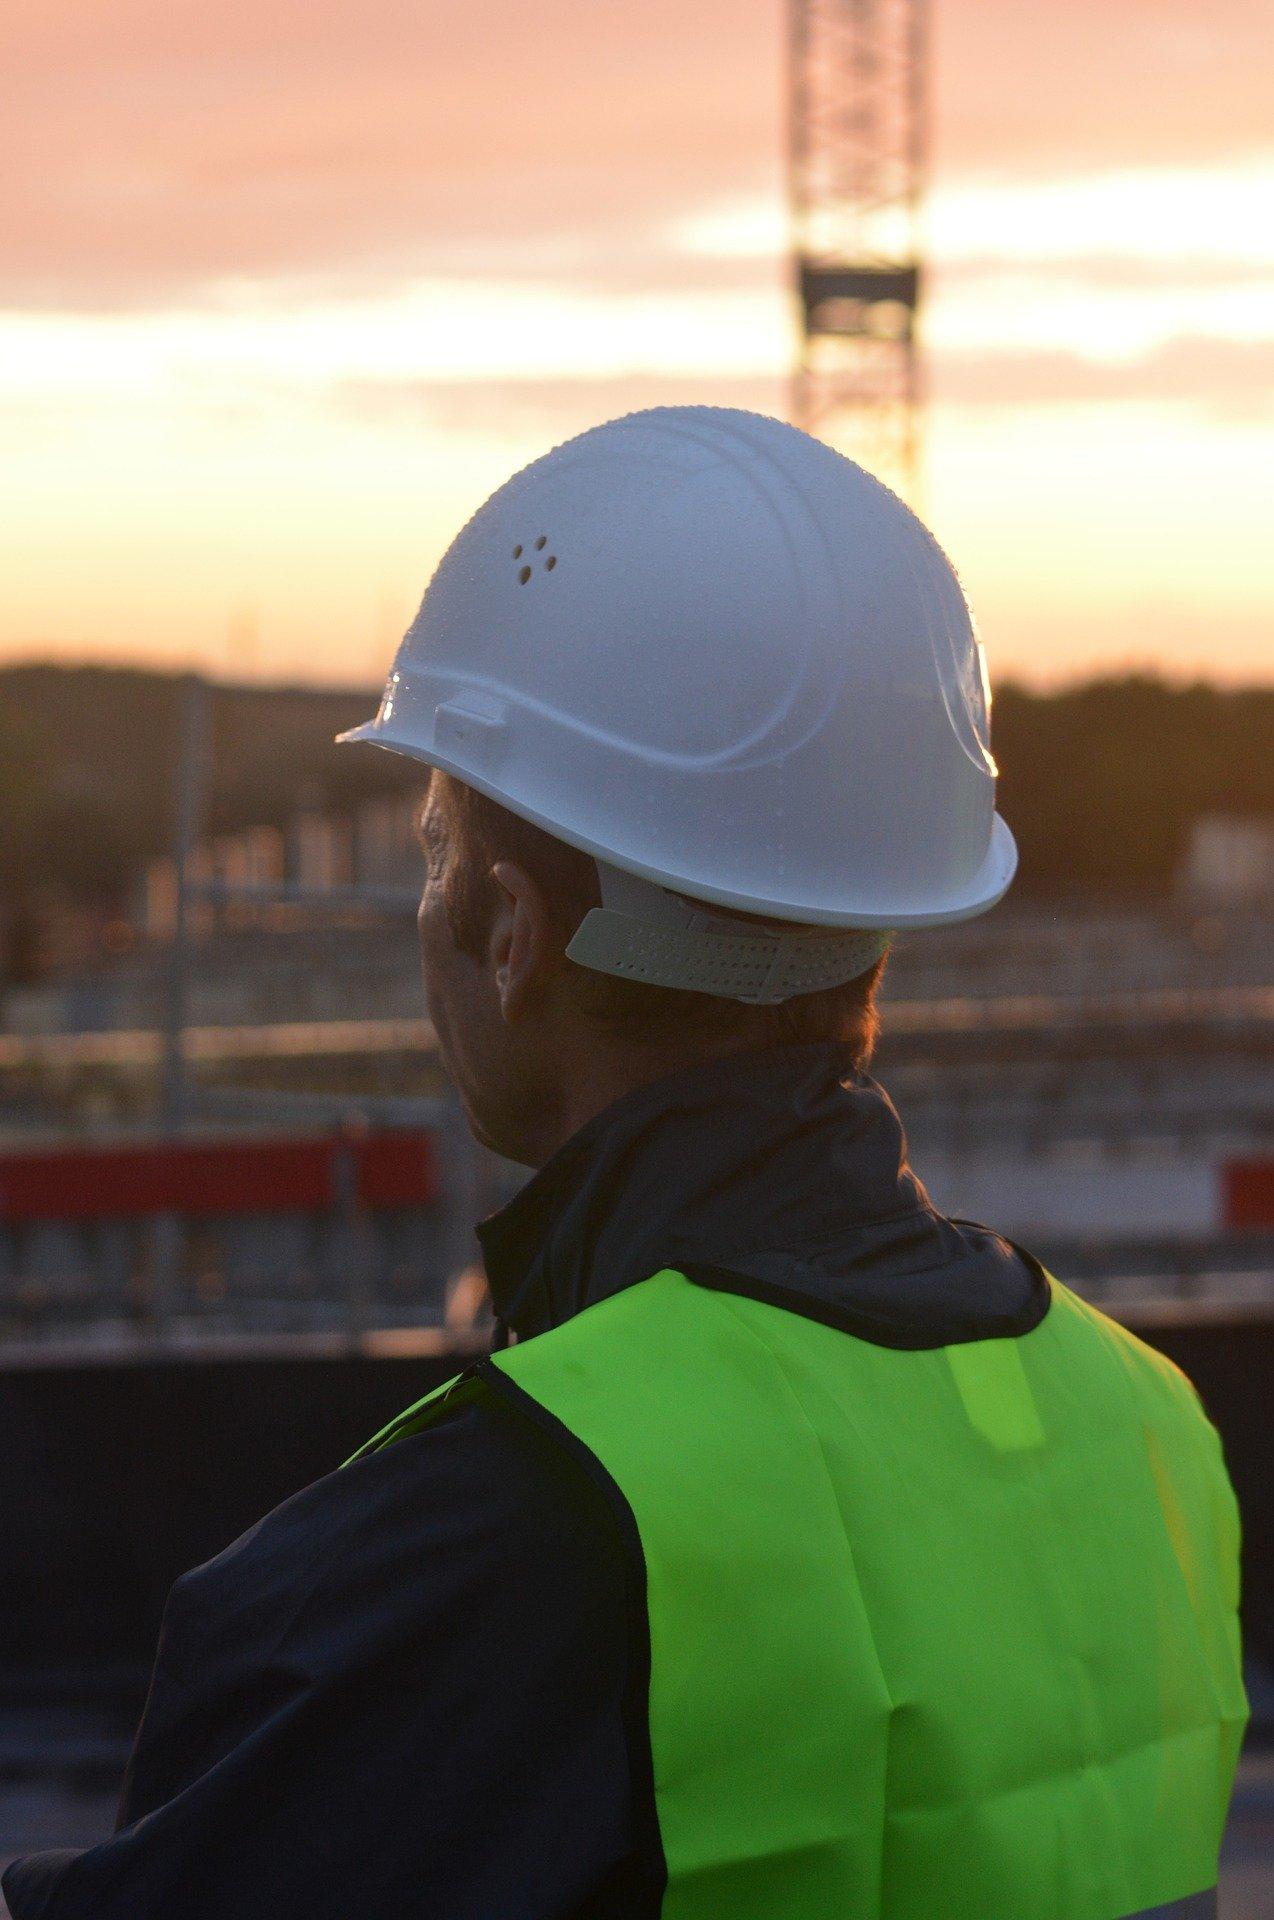 casco da lavoro - indossare elmetto protettivo